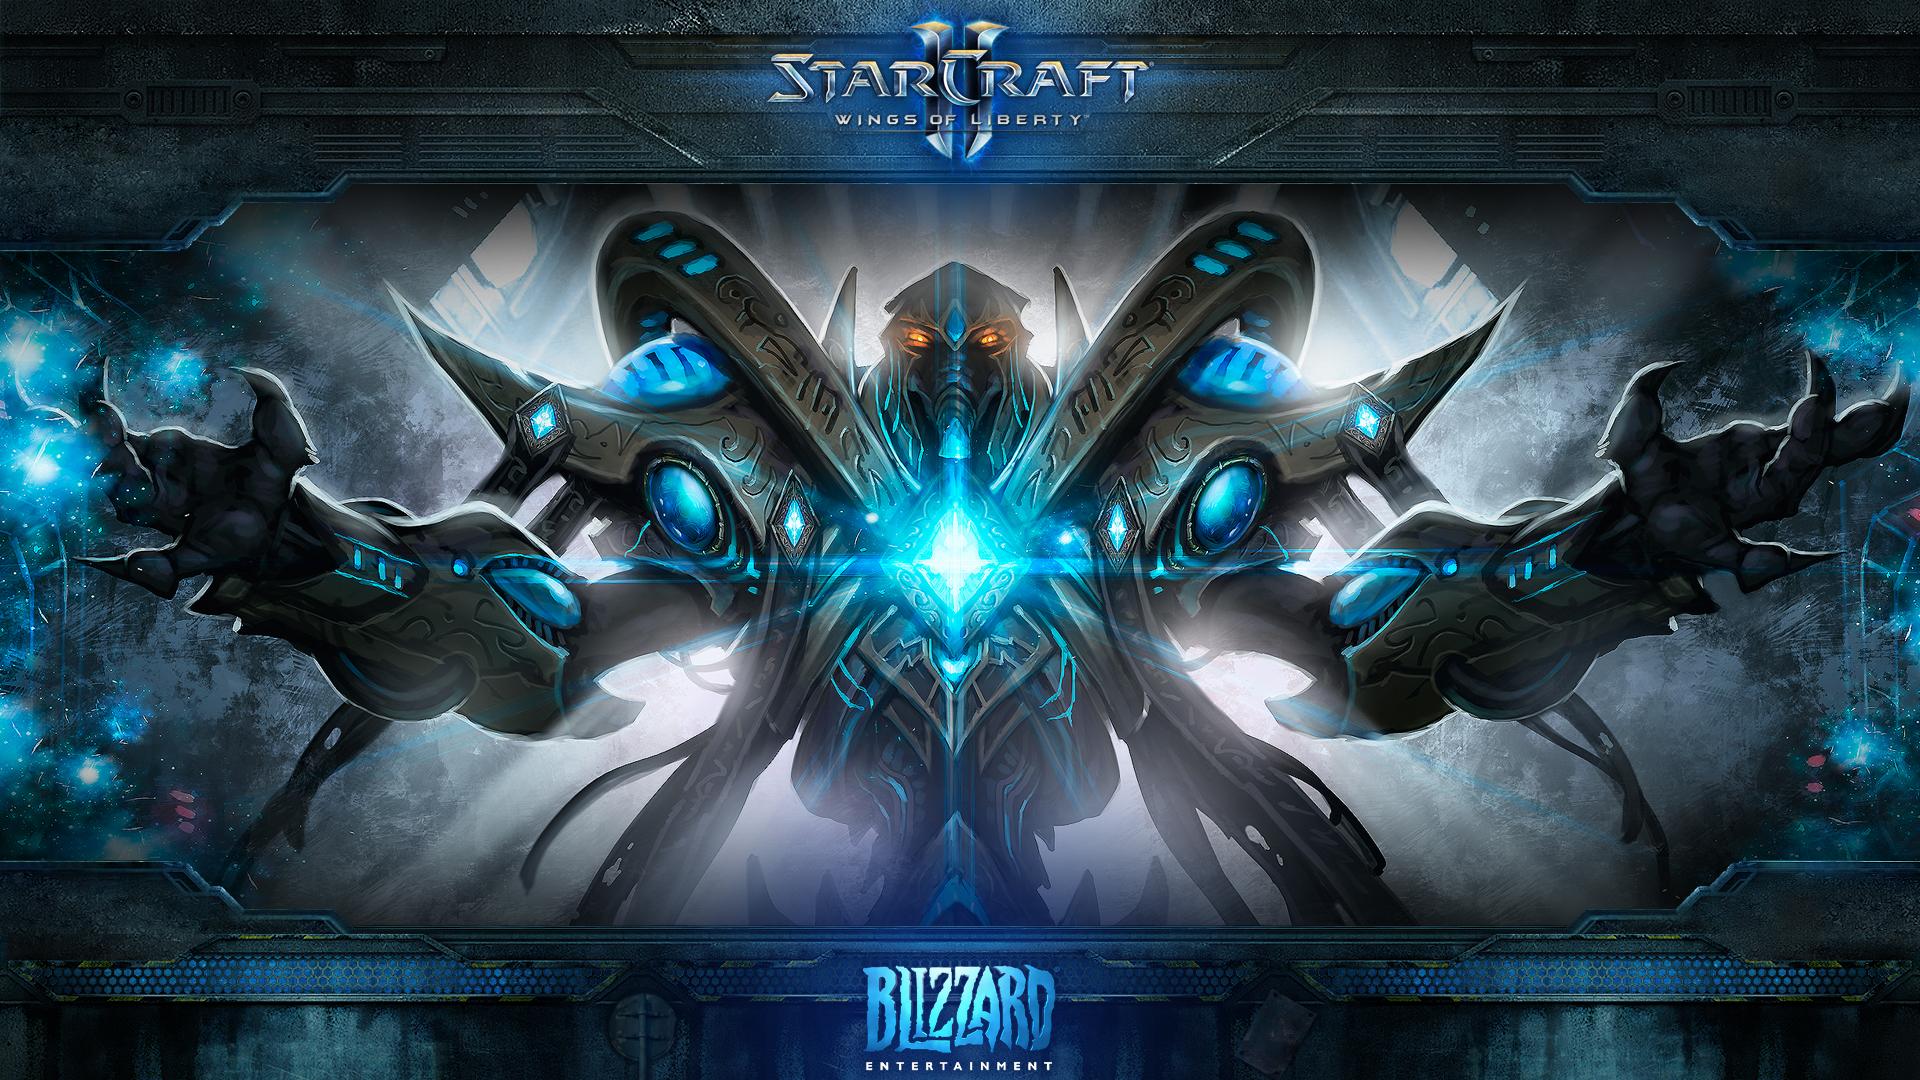 Starcraft 2 wallpaper   1176505 1920x1080